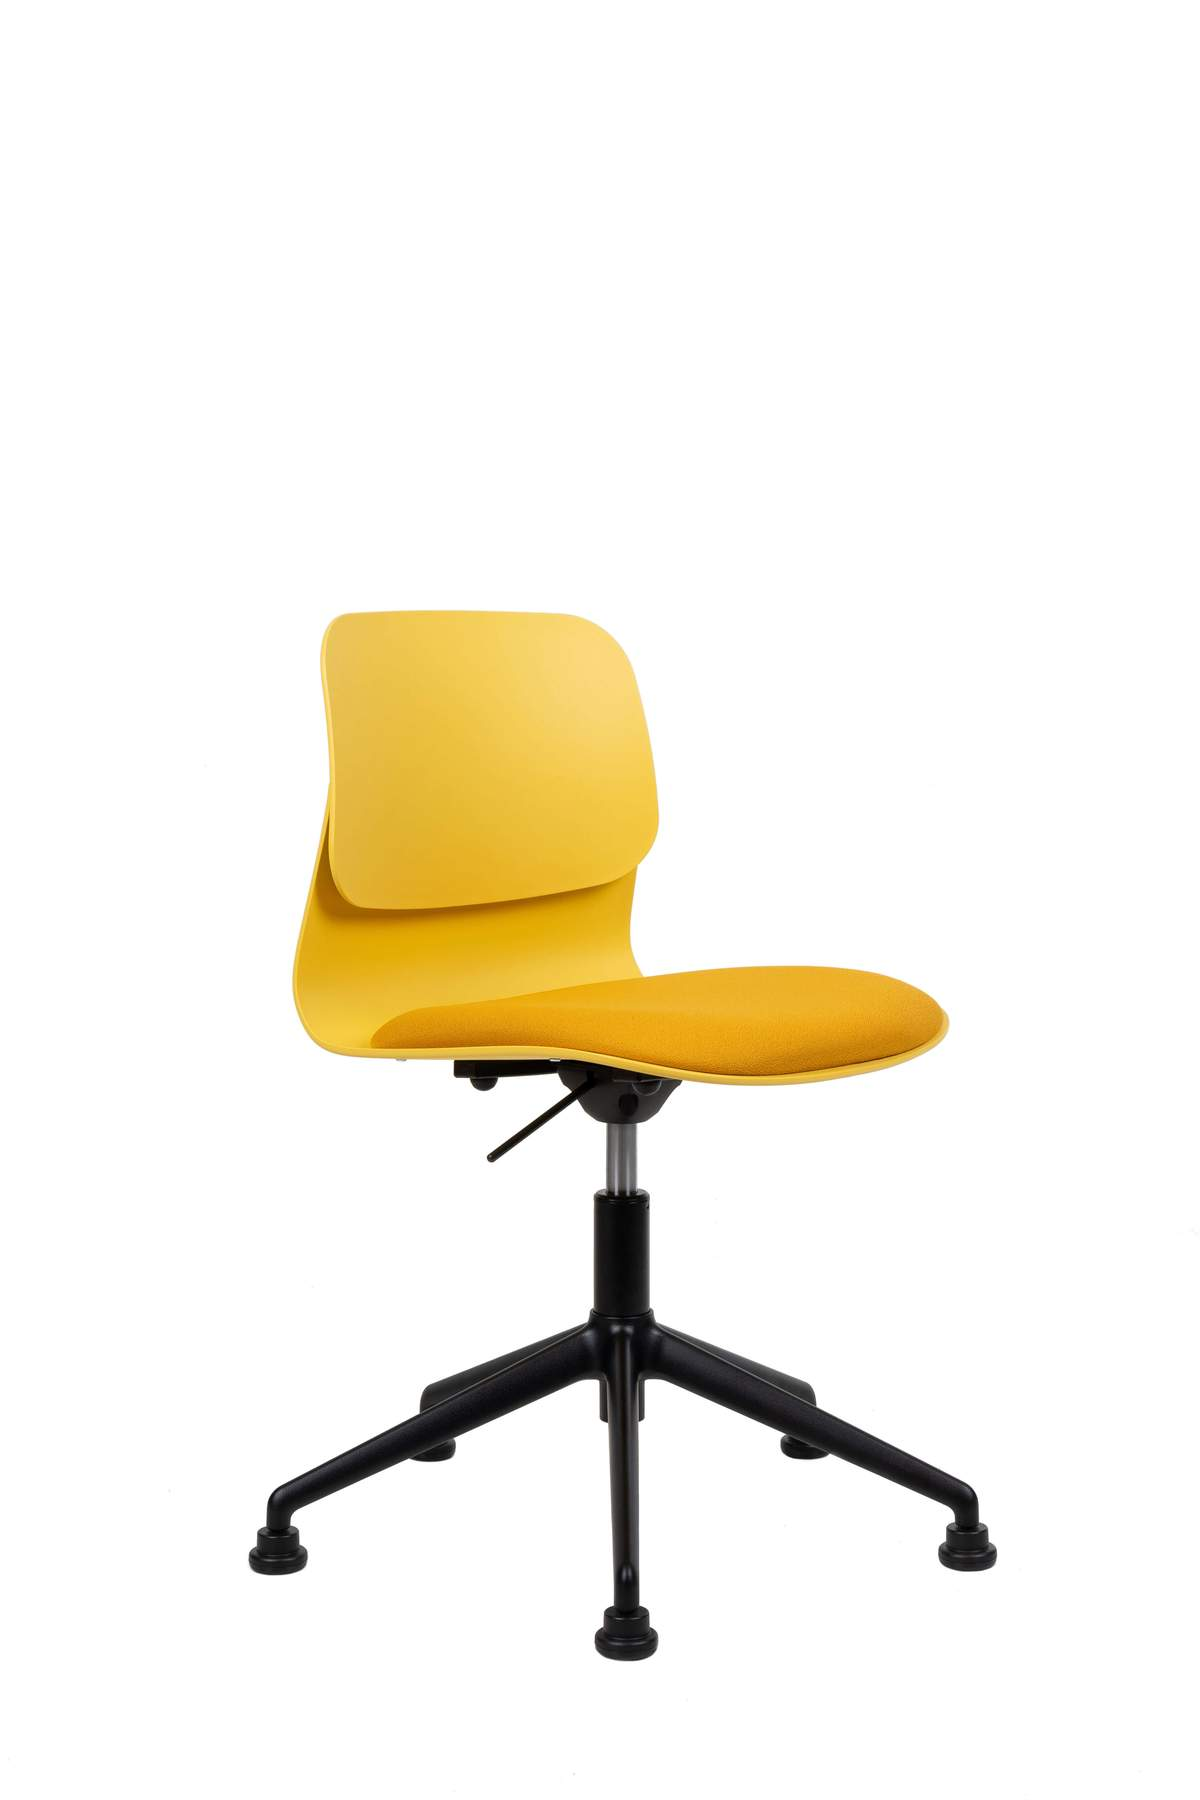 Chaise de bureau design jaune pivotante sur roulettes